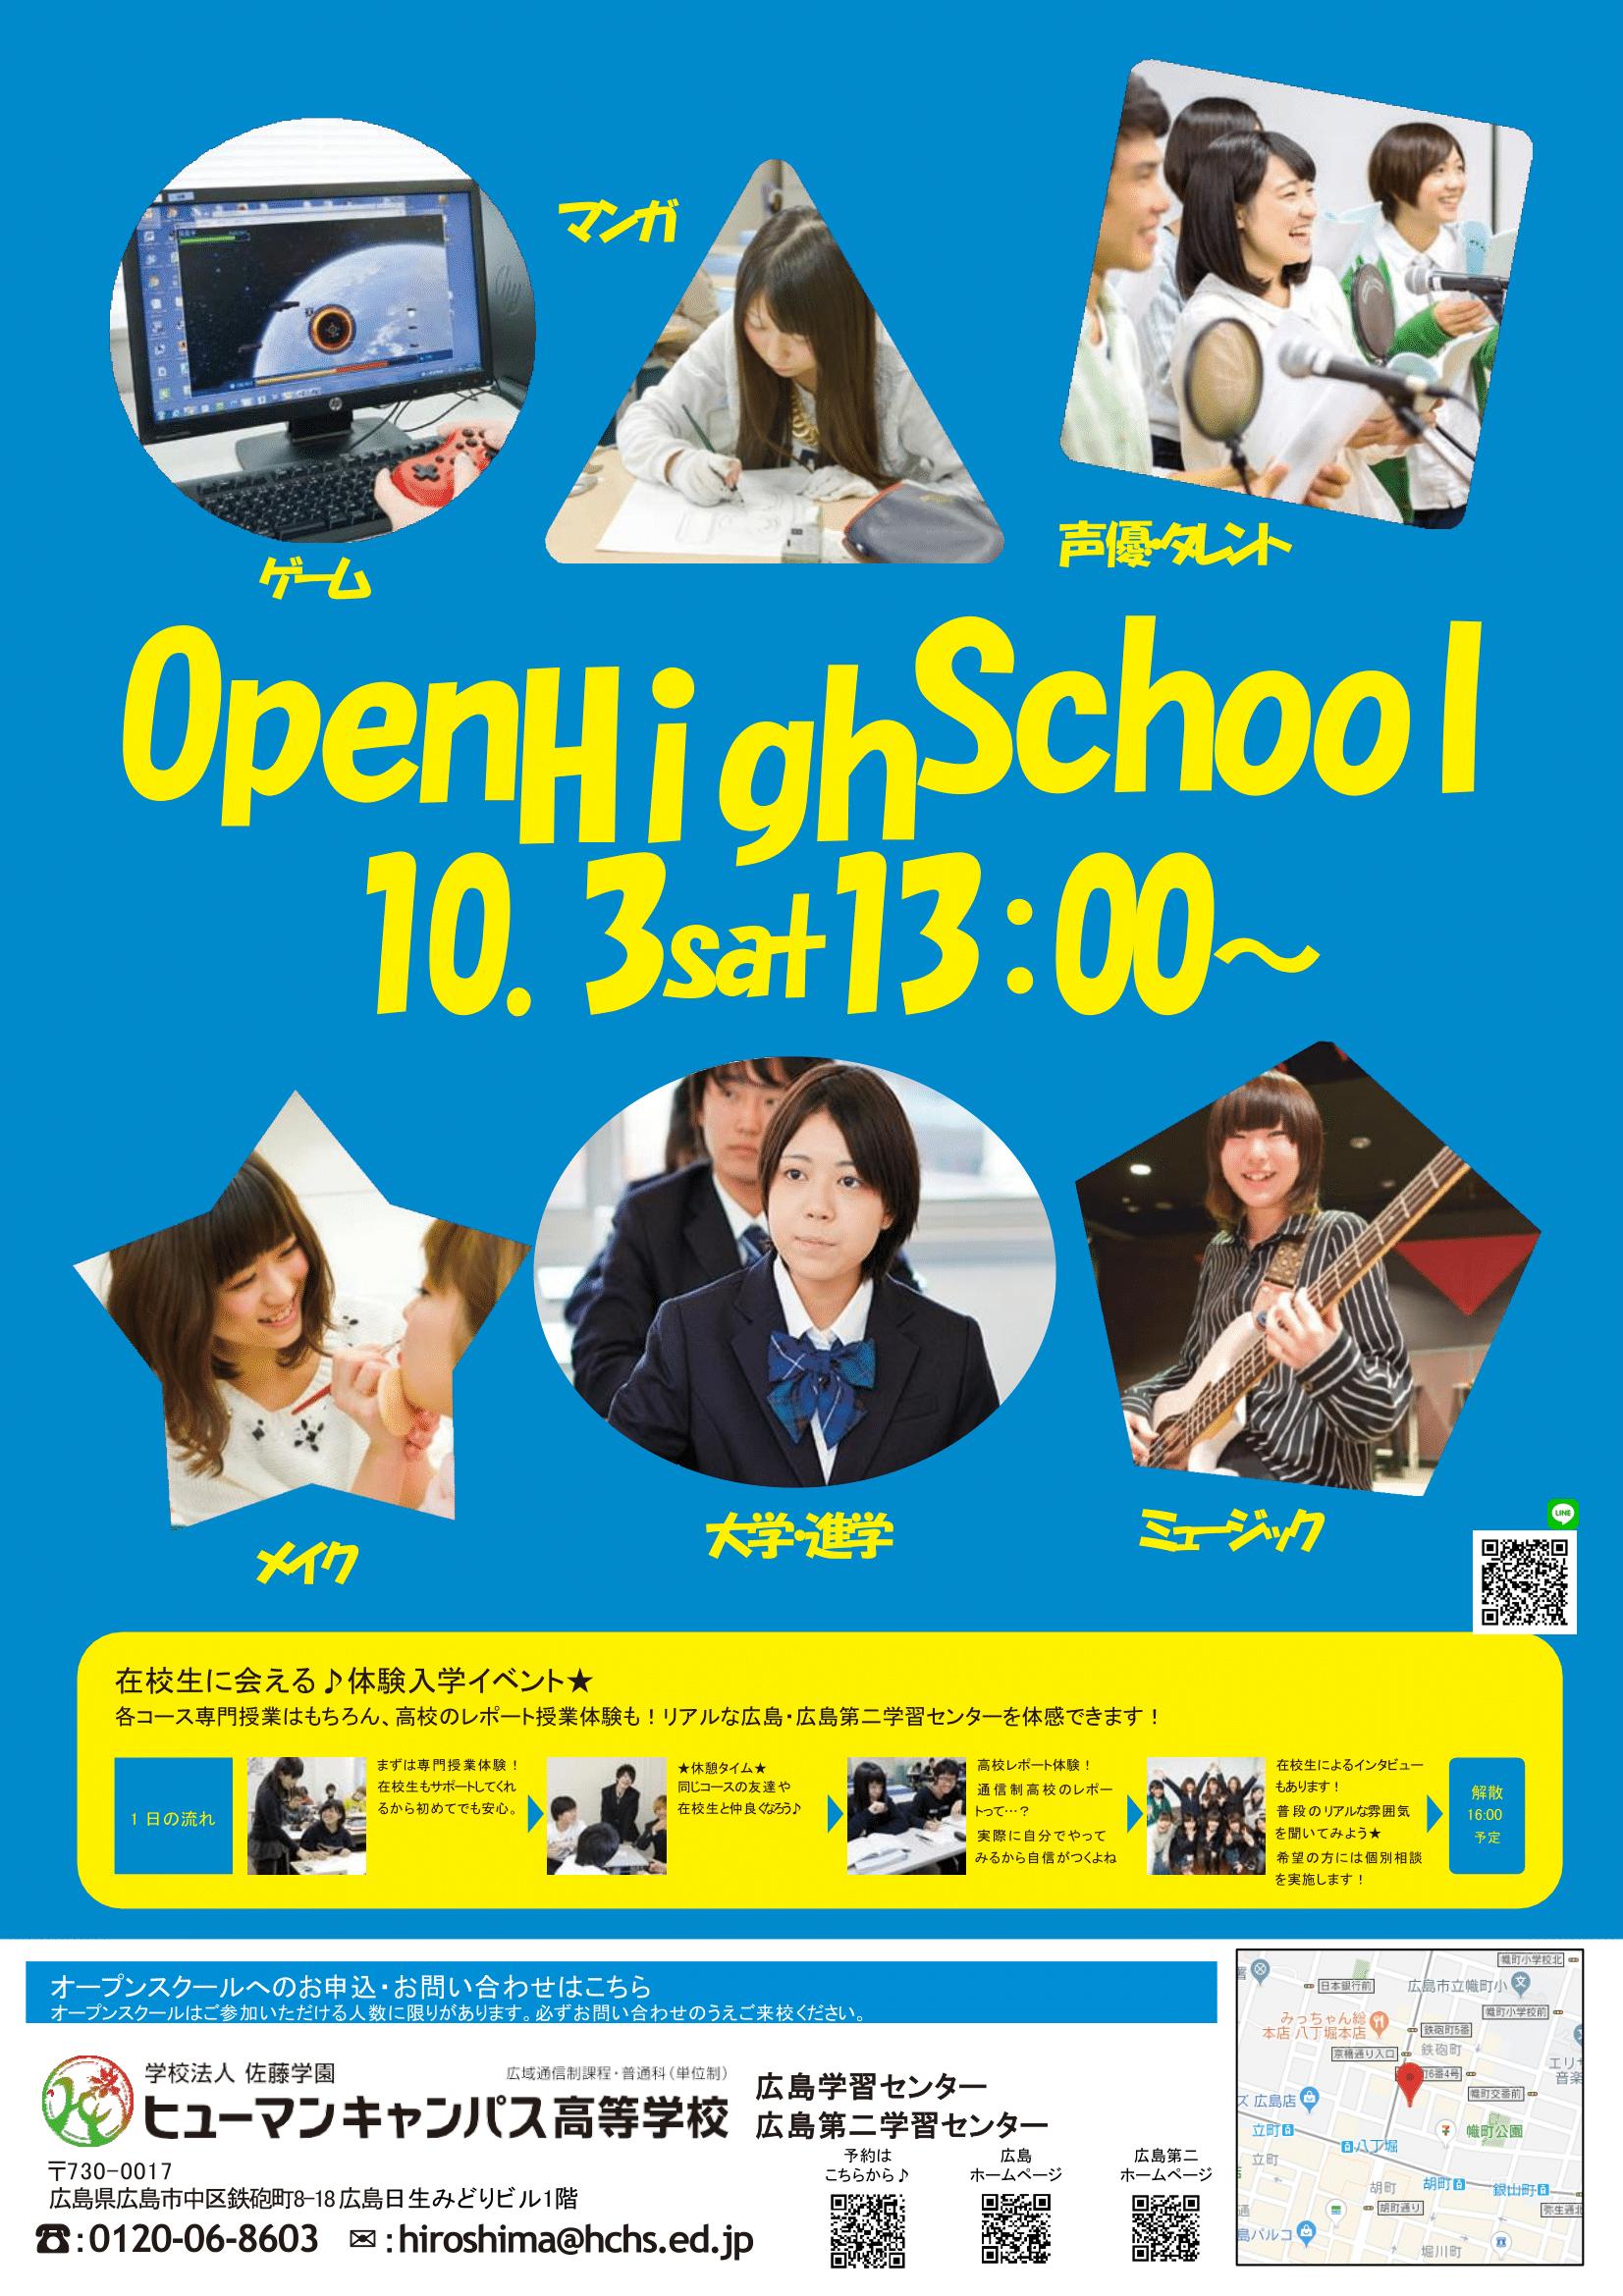 ☆中学生限定イベント☆ ヒューマンキャンパス高校1日体験♪